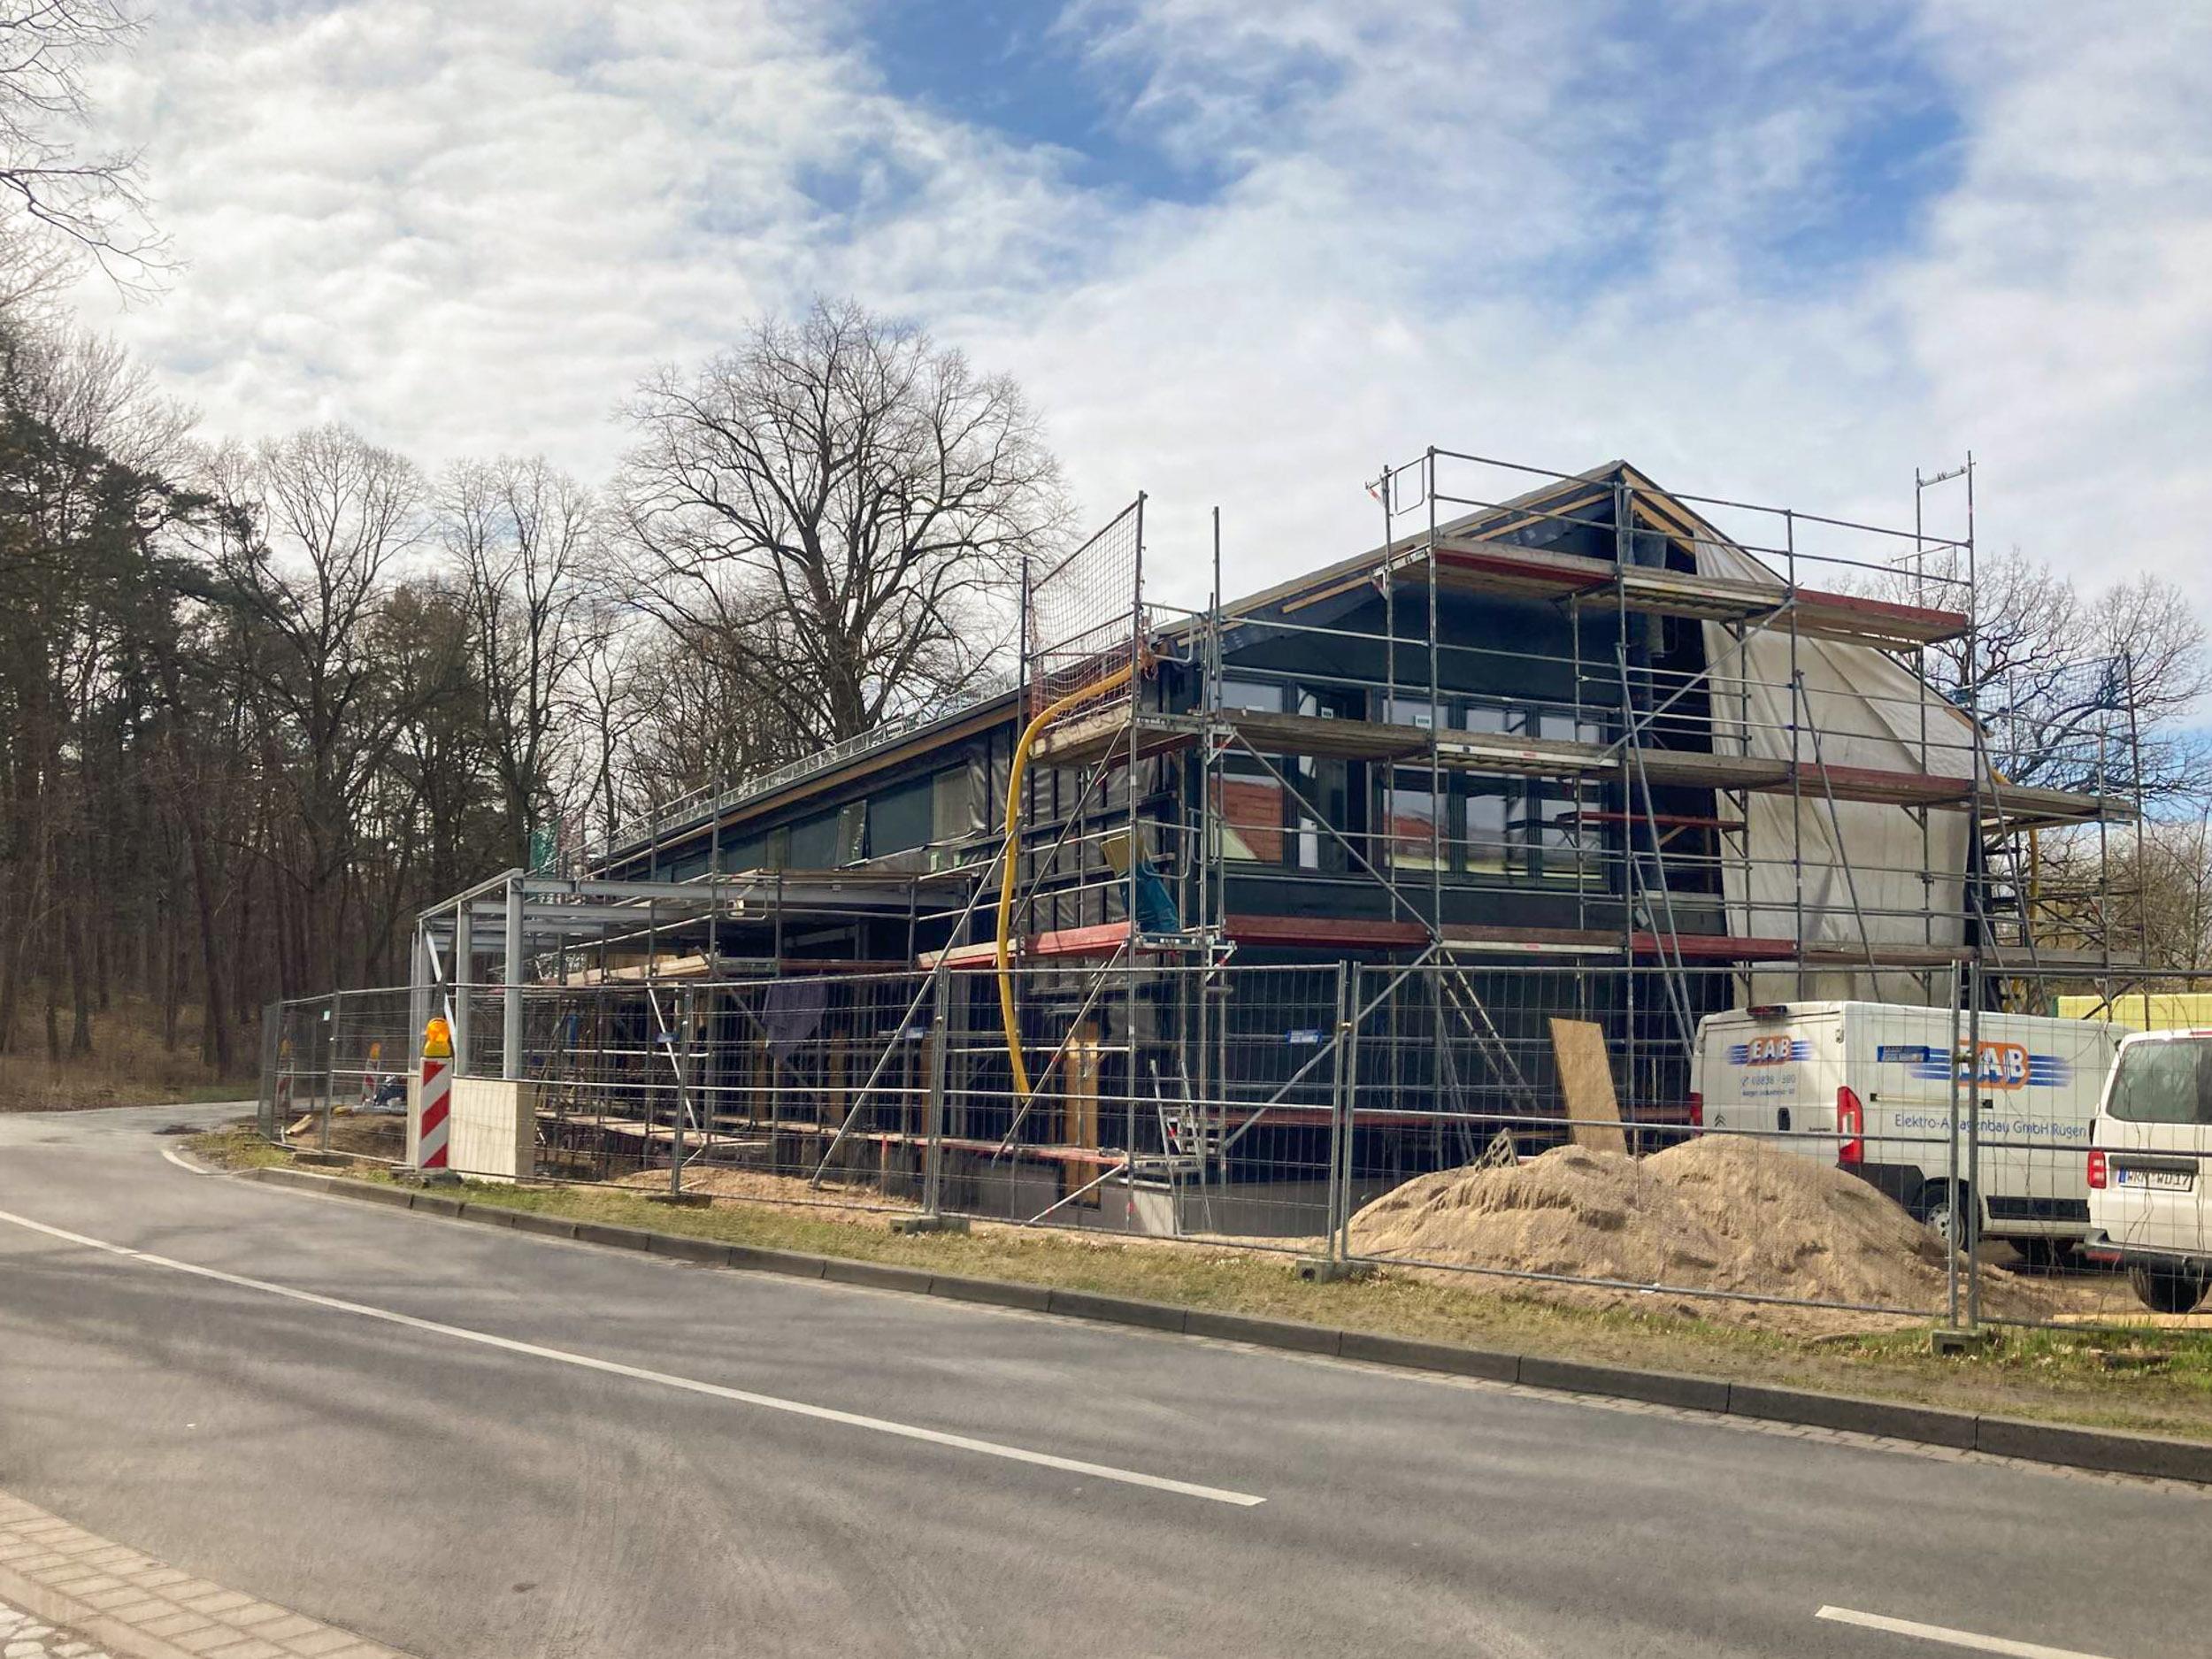 Fassadenarbeiten am Lehrlingsgebäude des Forstamtes in Güstrow